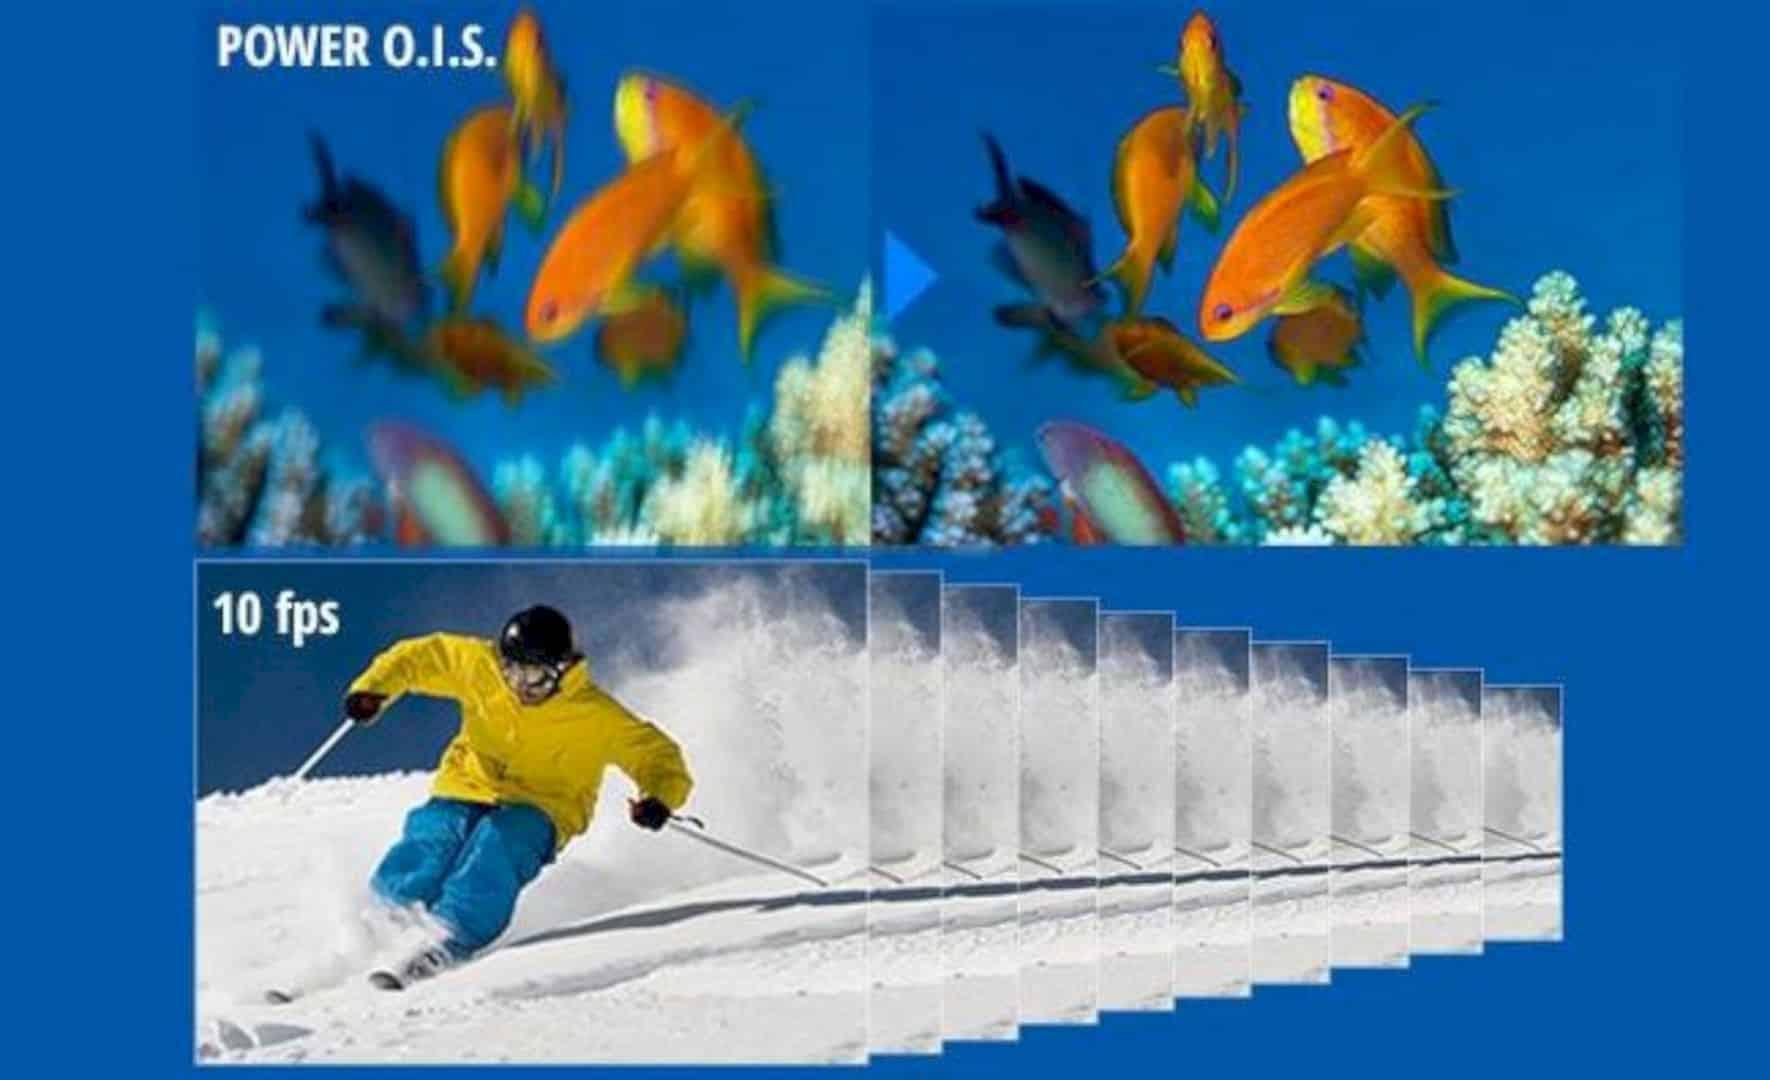 Panasonic LUMIX TS7 Waterproof Tough Camera 10